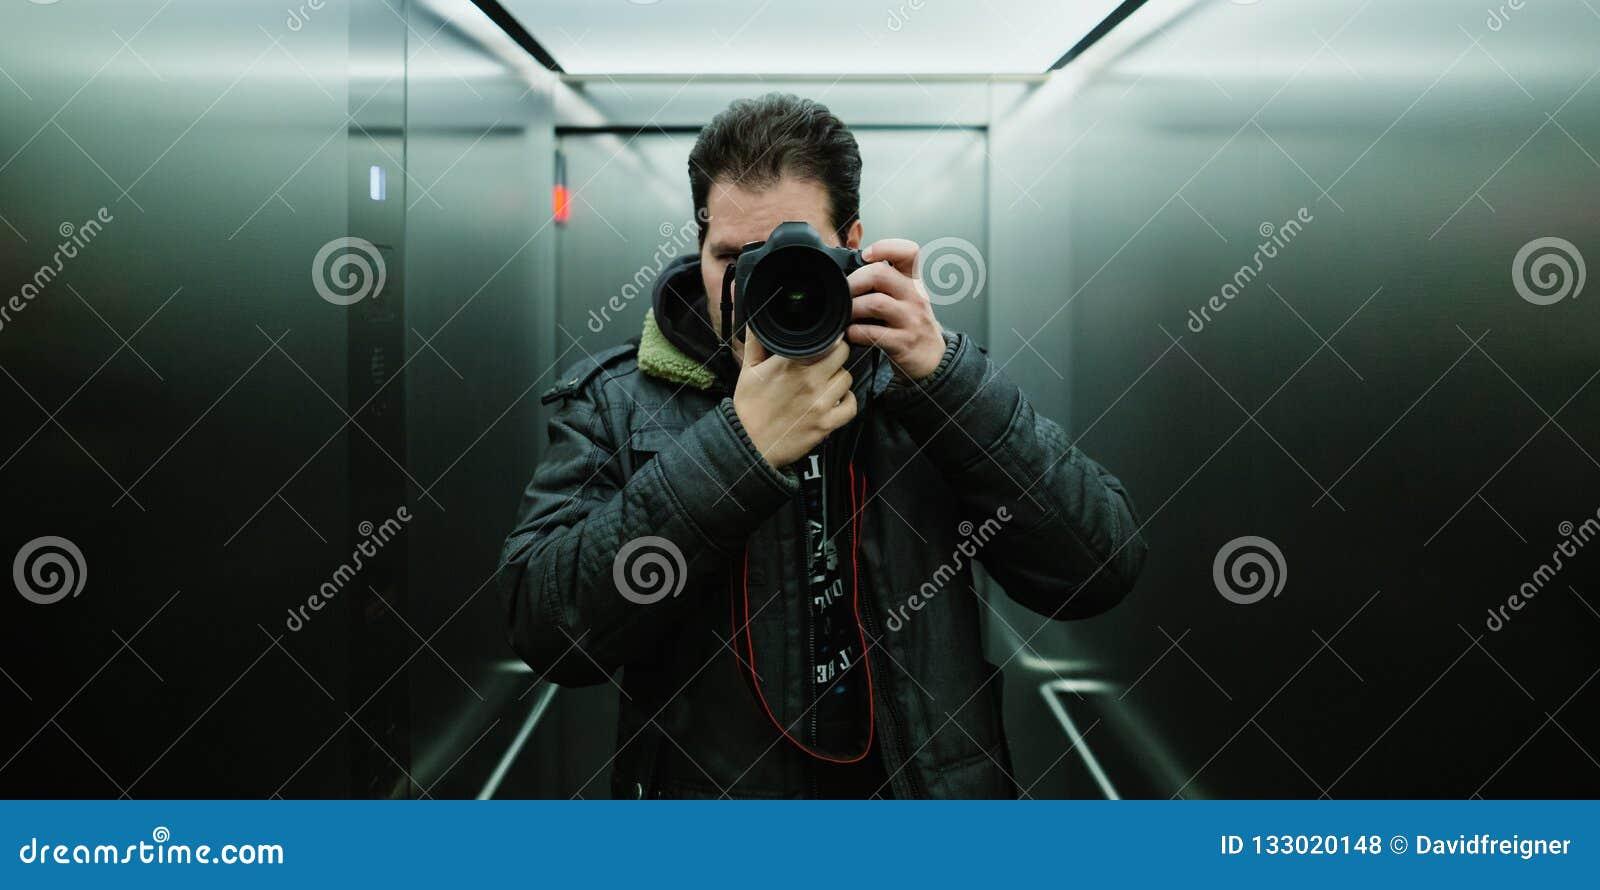 De fotograaf die een cinematic spiegel selfie met analoge wolframfilm nemen kijkt en korrel voor ISO 800